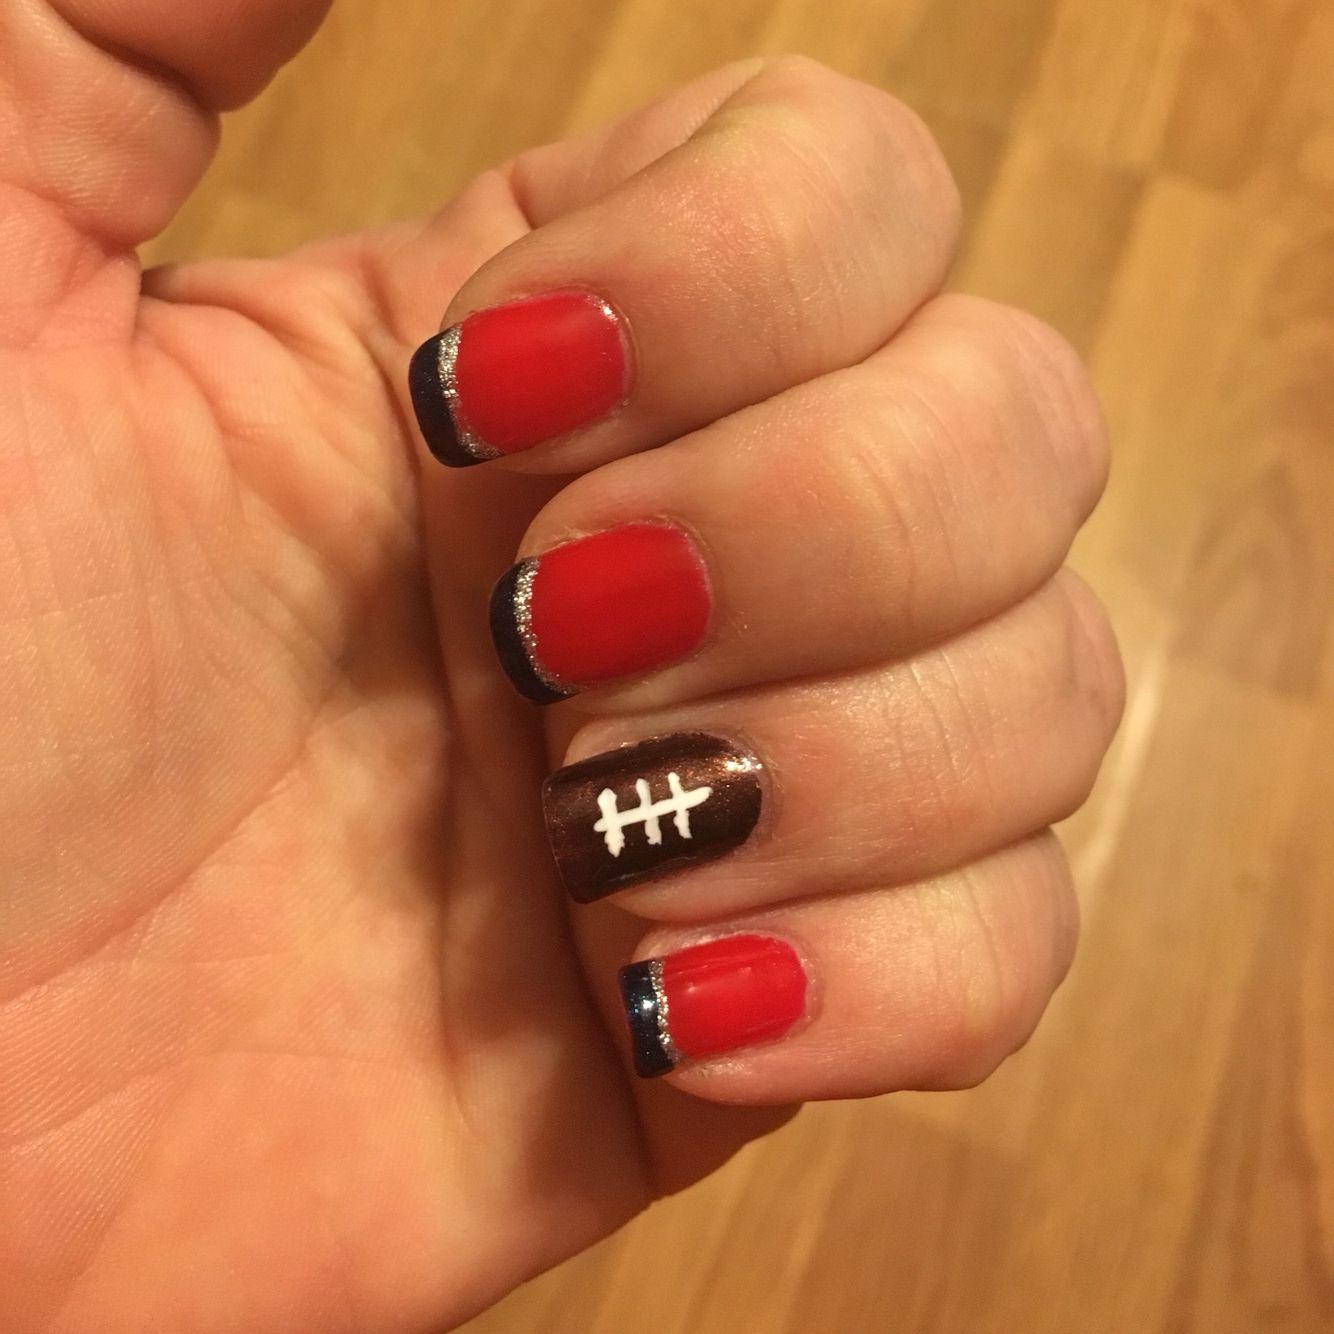 New England Patriots Nails Nail Art Football Nails | Beauty Nails ...